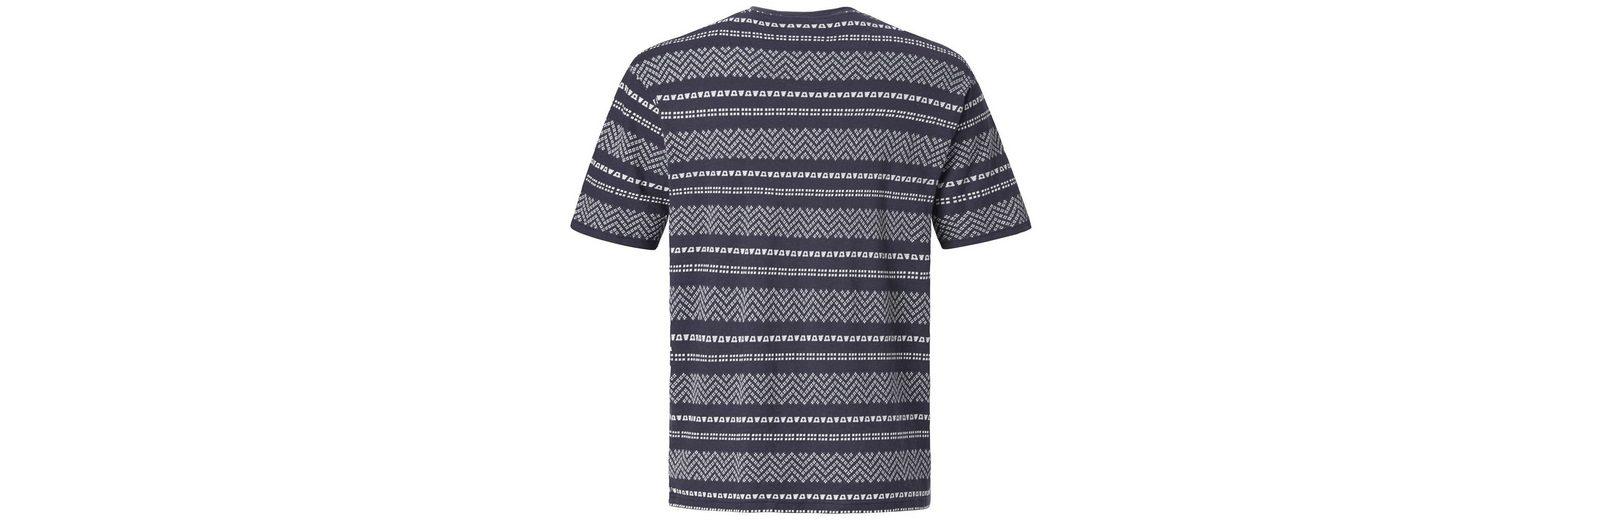 Mit Paypal Günstig Online Jan Vanderstorm T-Shirt GYRTH  Wie Viel Classic Günstig Online 1qTaRnWYO